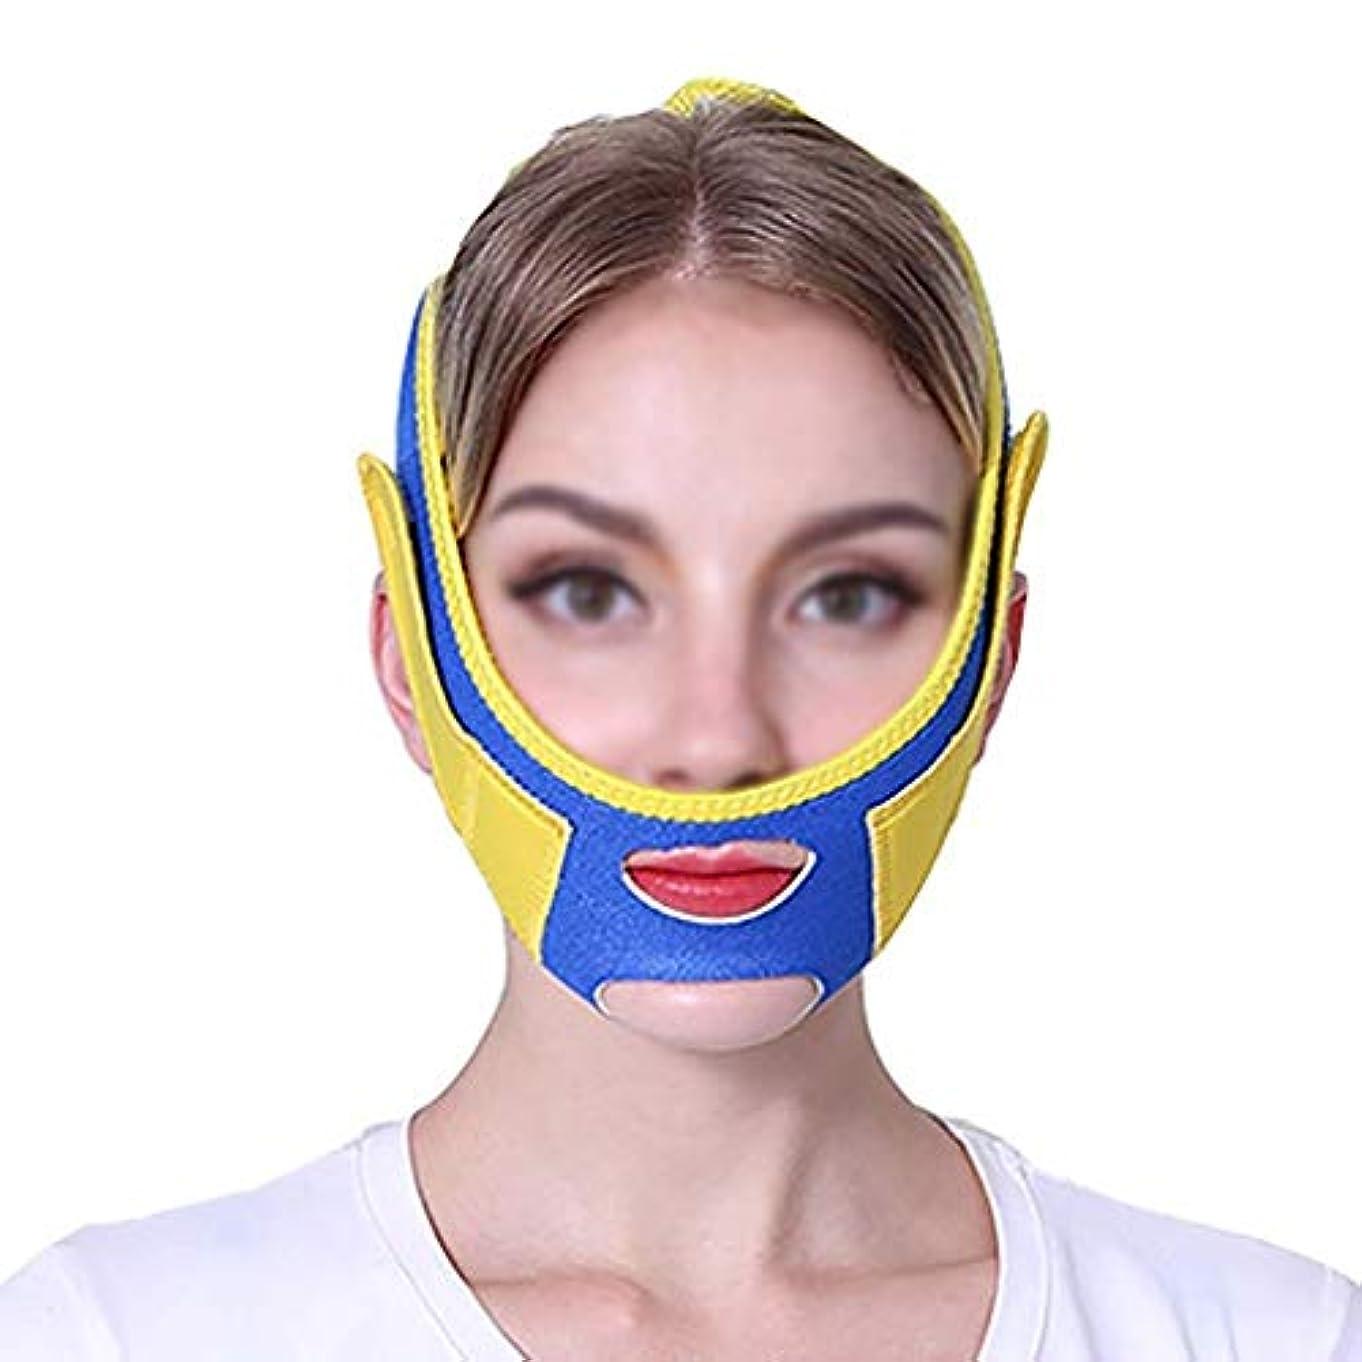 寝る間に合わせ不満ファーミングフェイスマスク、スモールVフェイスアーティファクトリフティングマスクフェイスリフティングフェイスメロンフェイスリフティングフェイスマスクファーミングクリームフェイスリフティングバンデージ